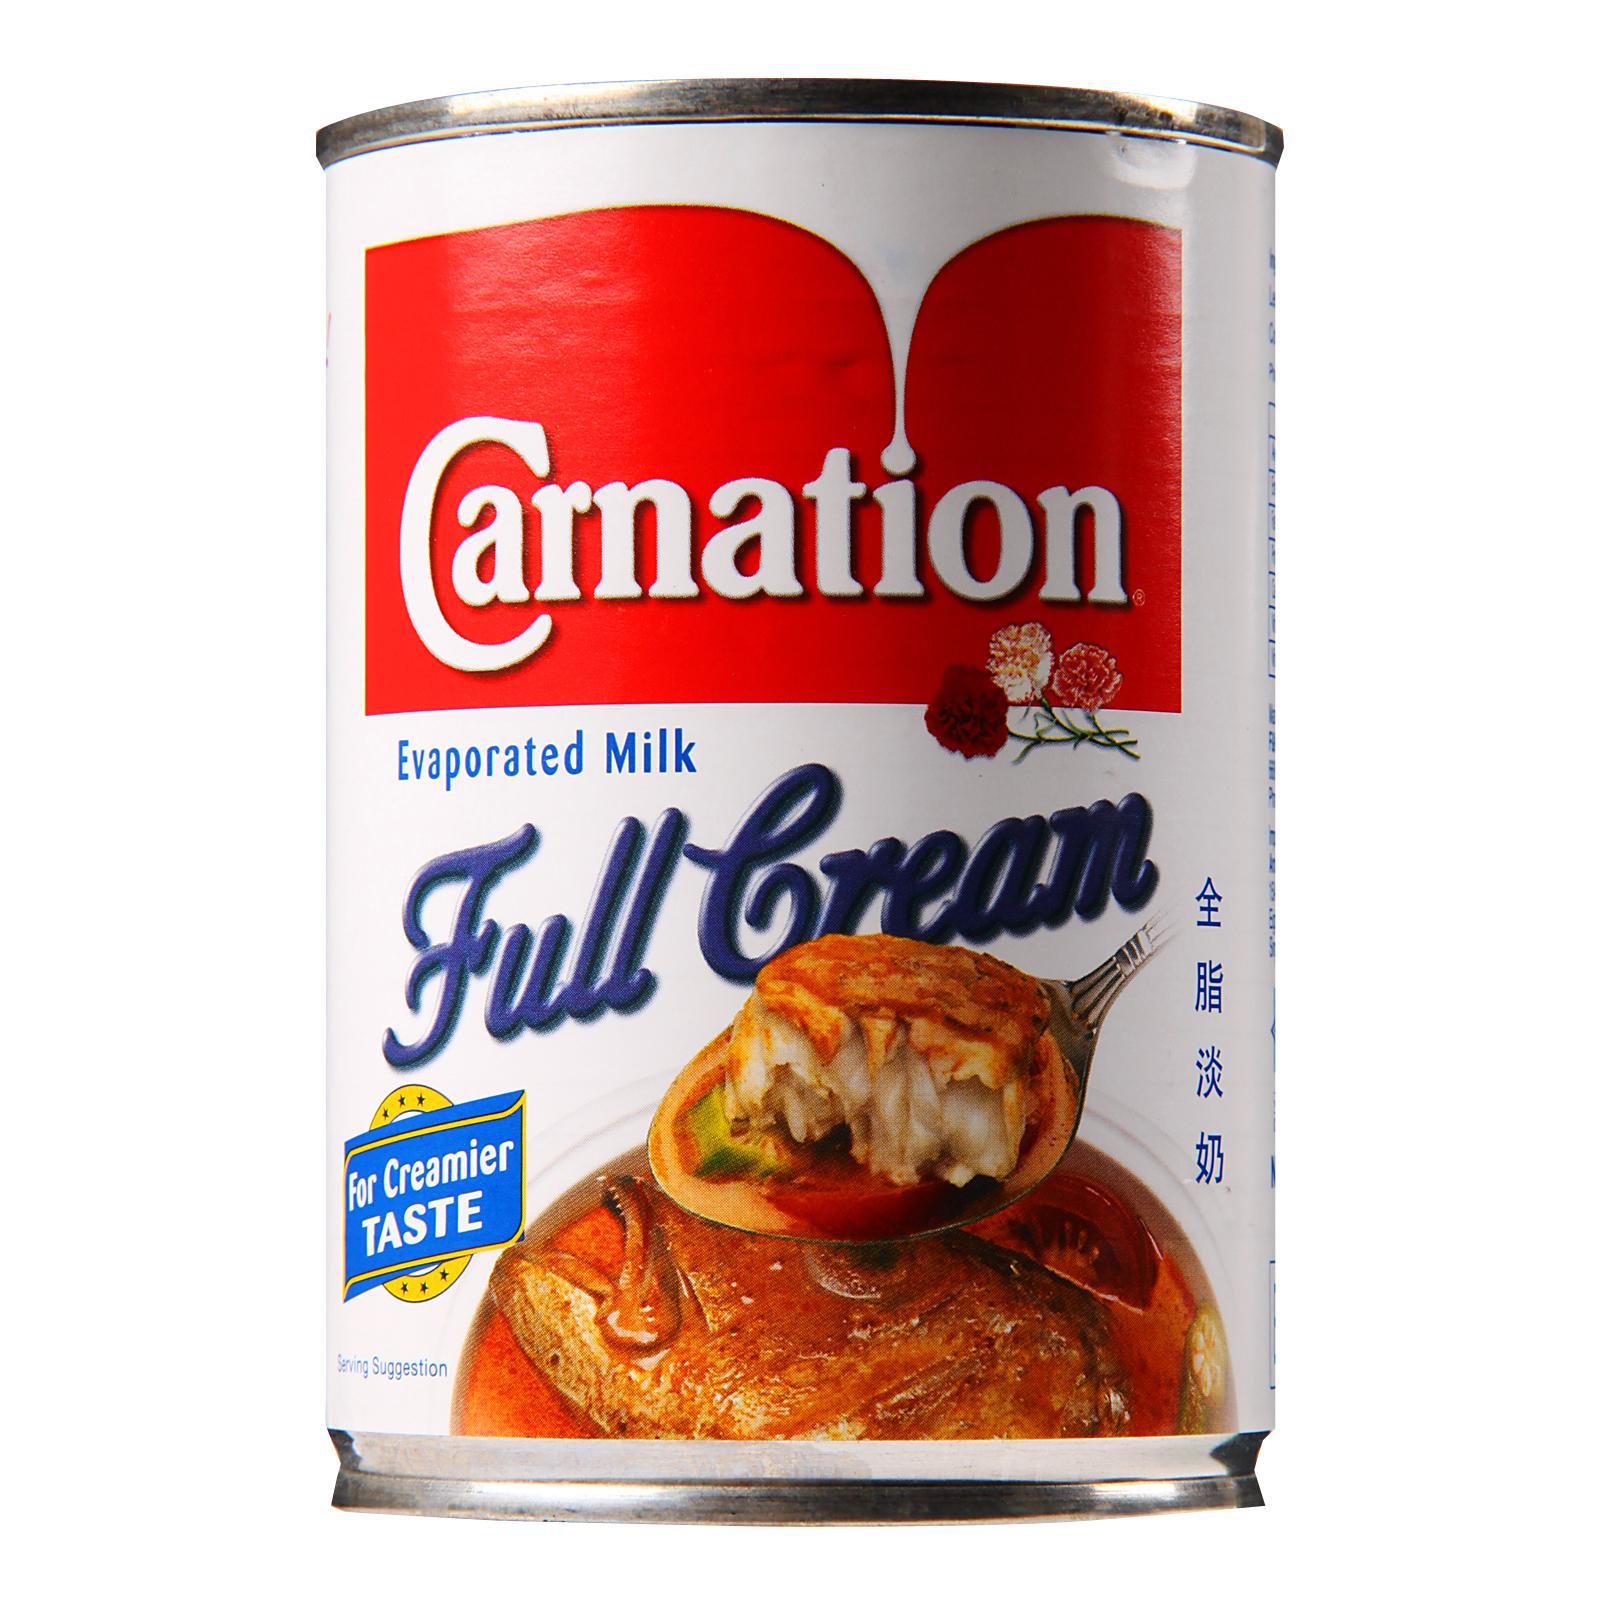 Carnation Evaporated Milk Full Cream 390g